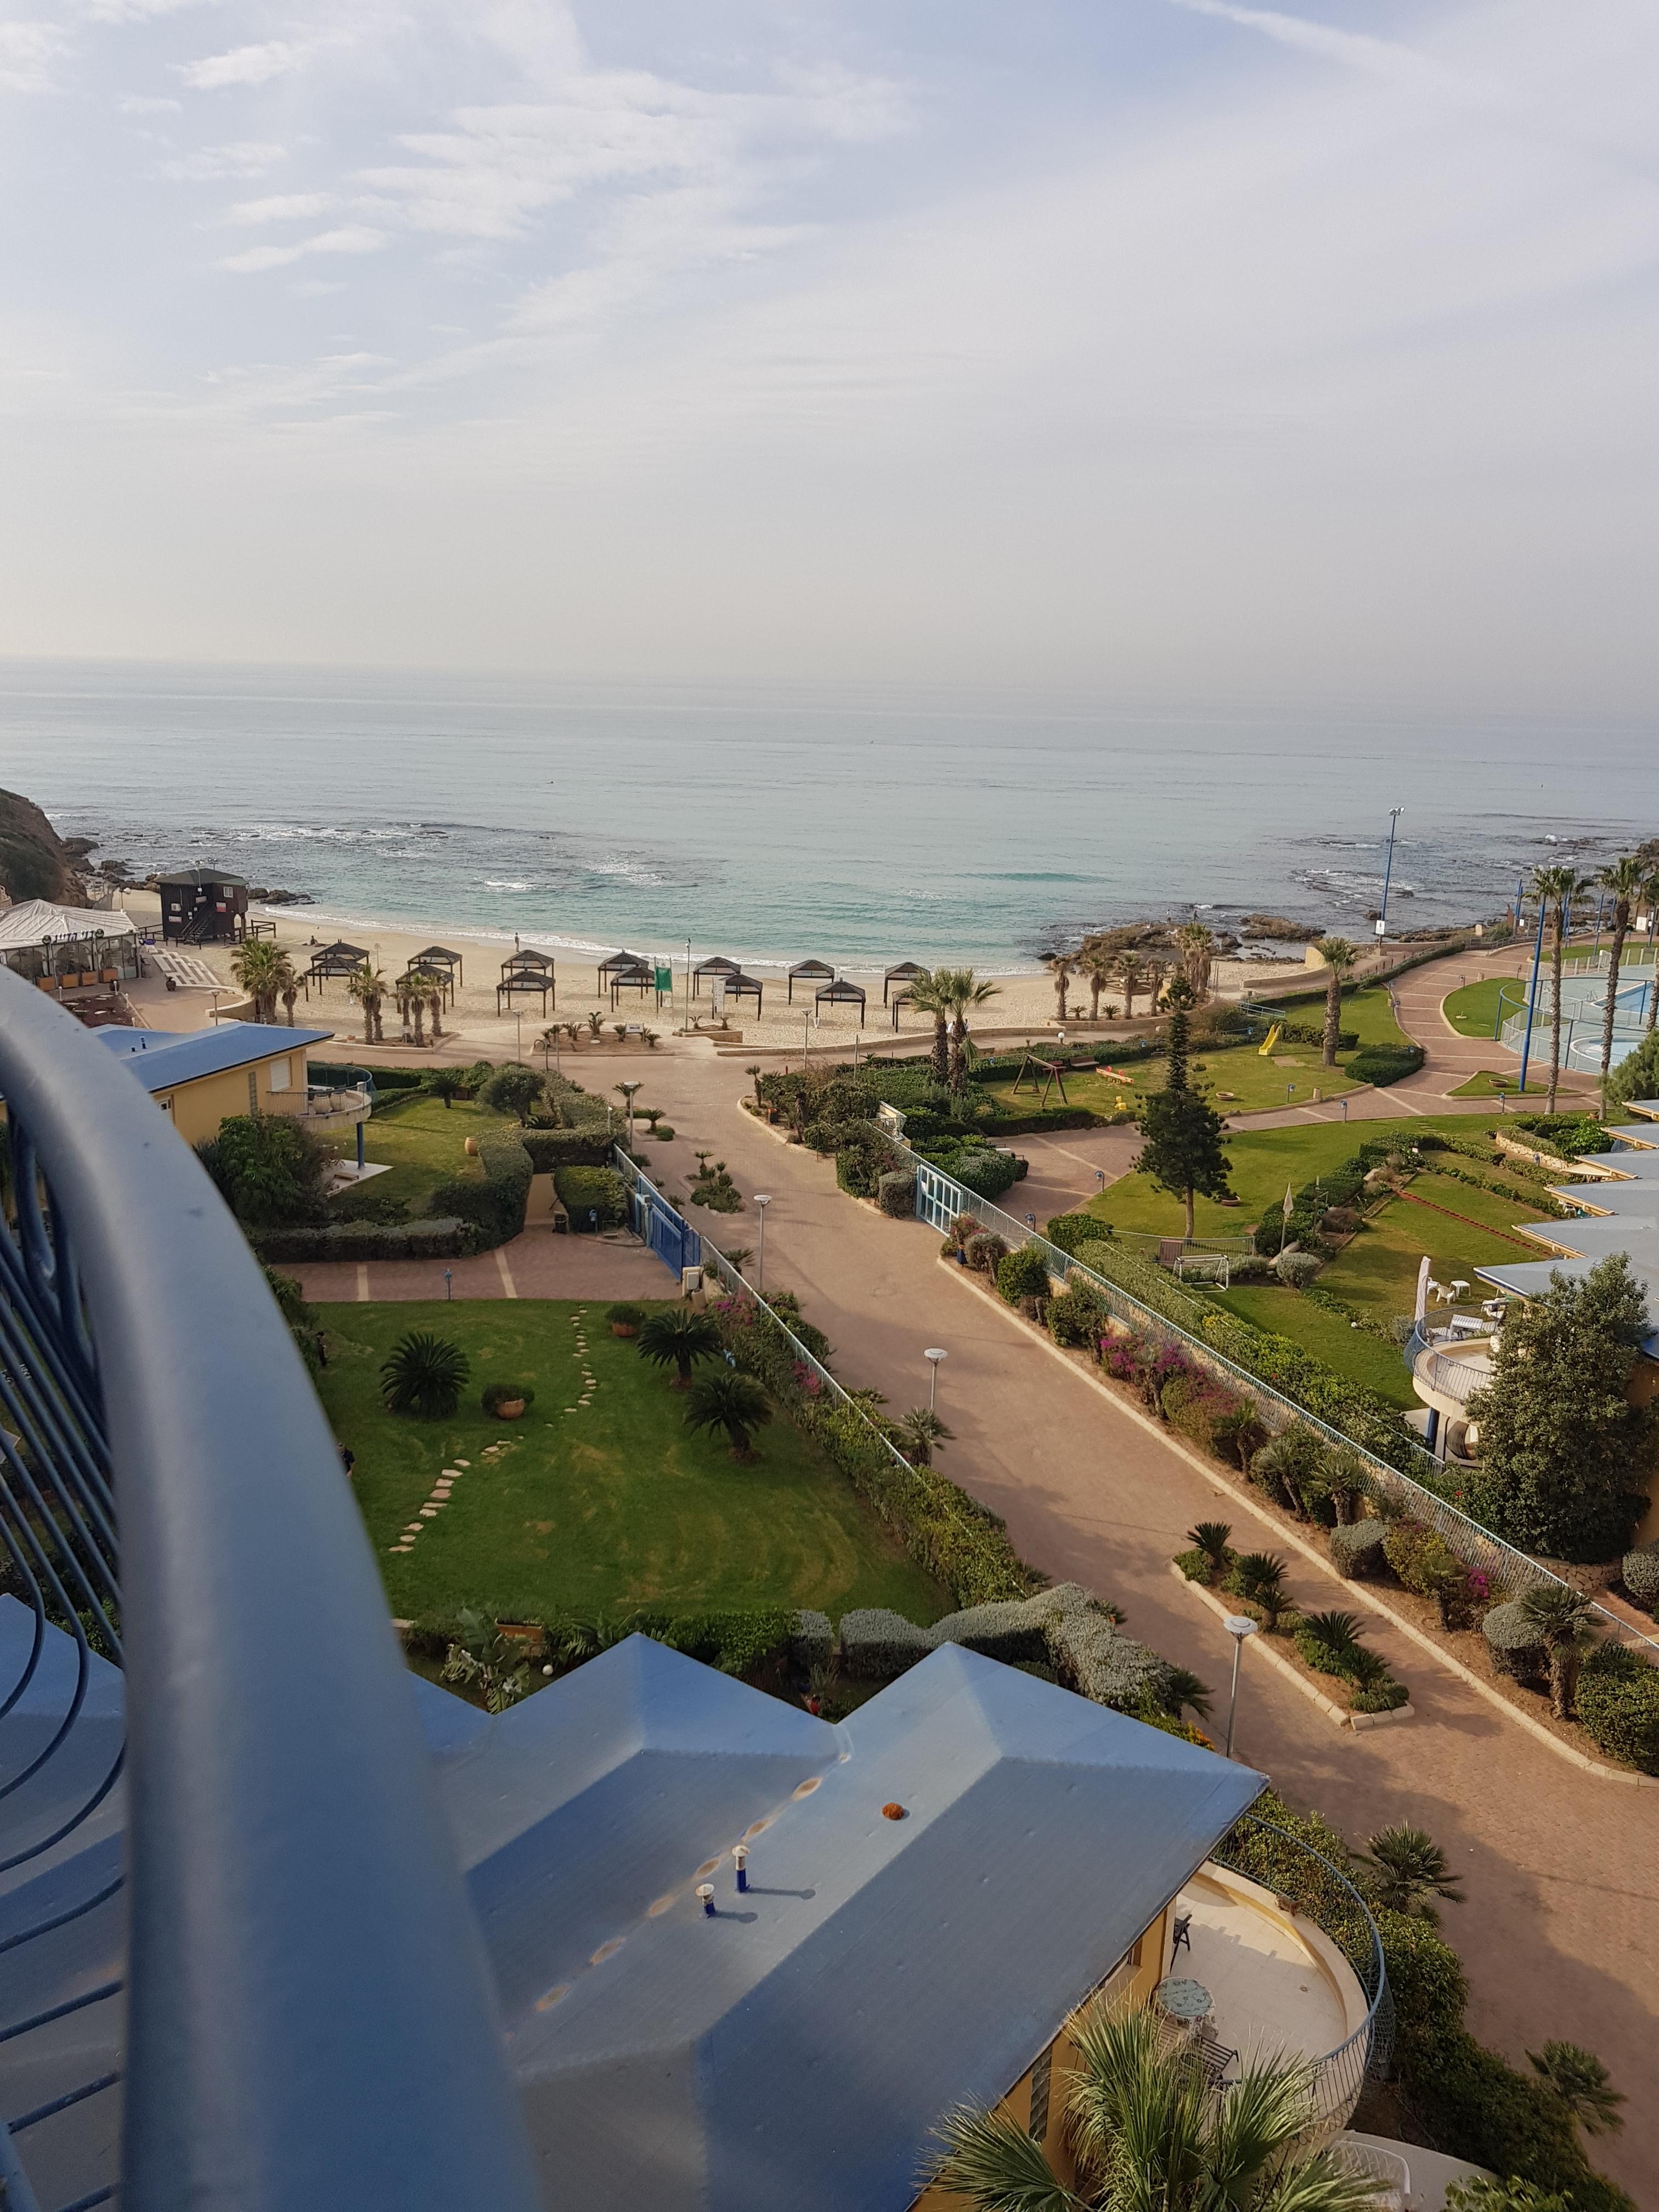 מעולה דירות דירה למכירה בכפר הים חדרה | זירו מתווכים ES-39